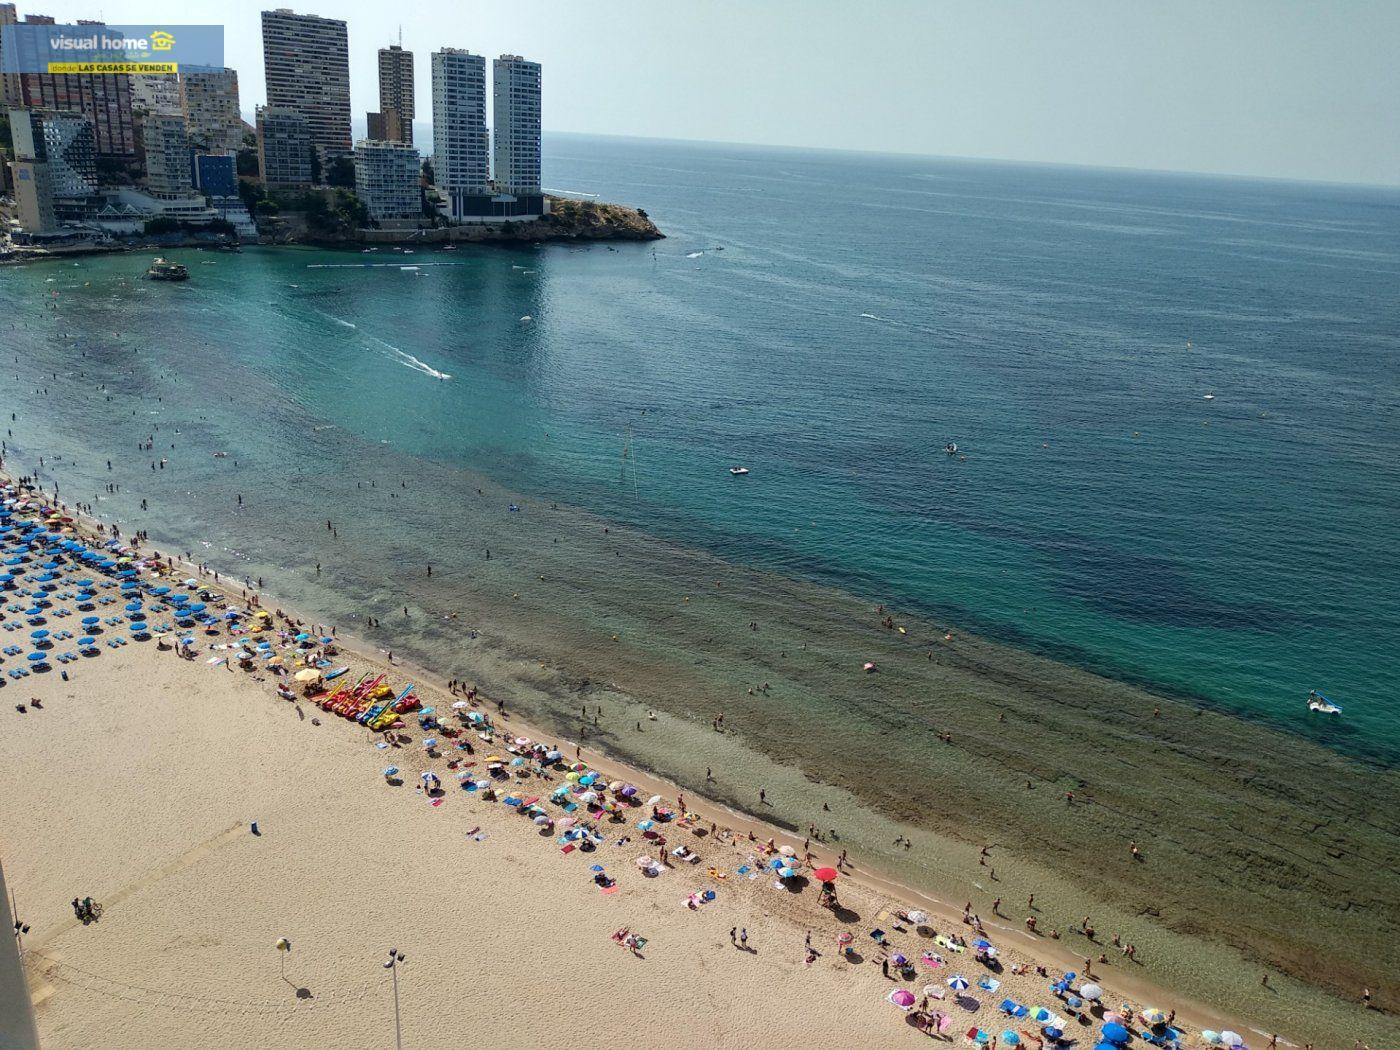 Apartamento de 1 dormitorio con espectaculares vistas  en 1ª linea de playa con parking y piscina 1